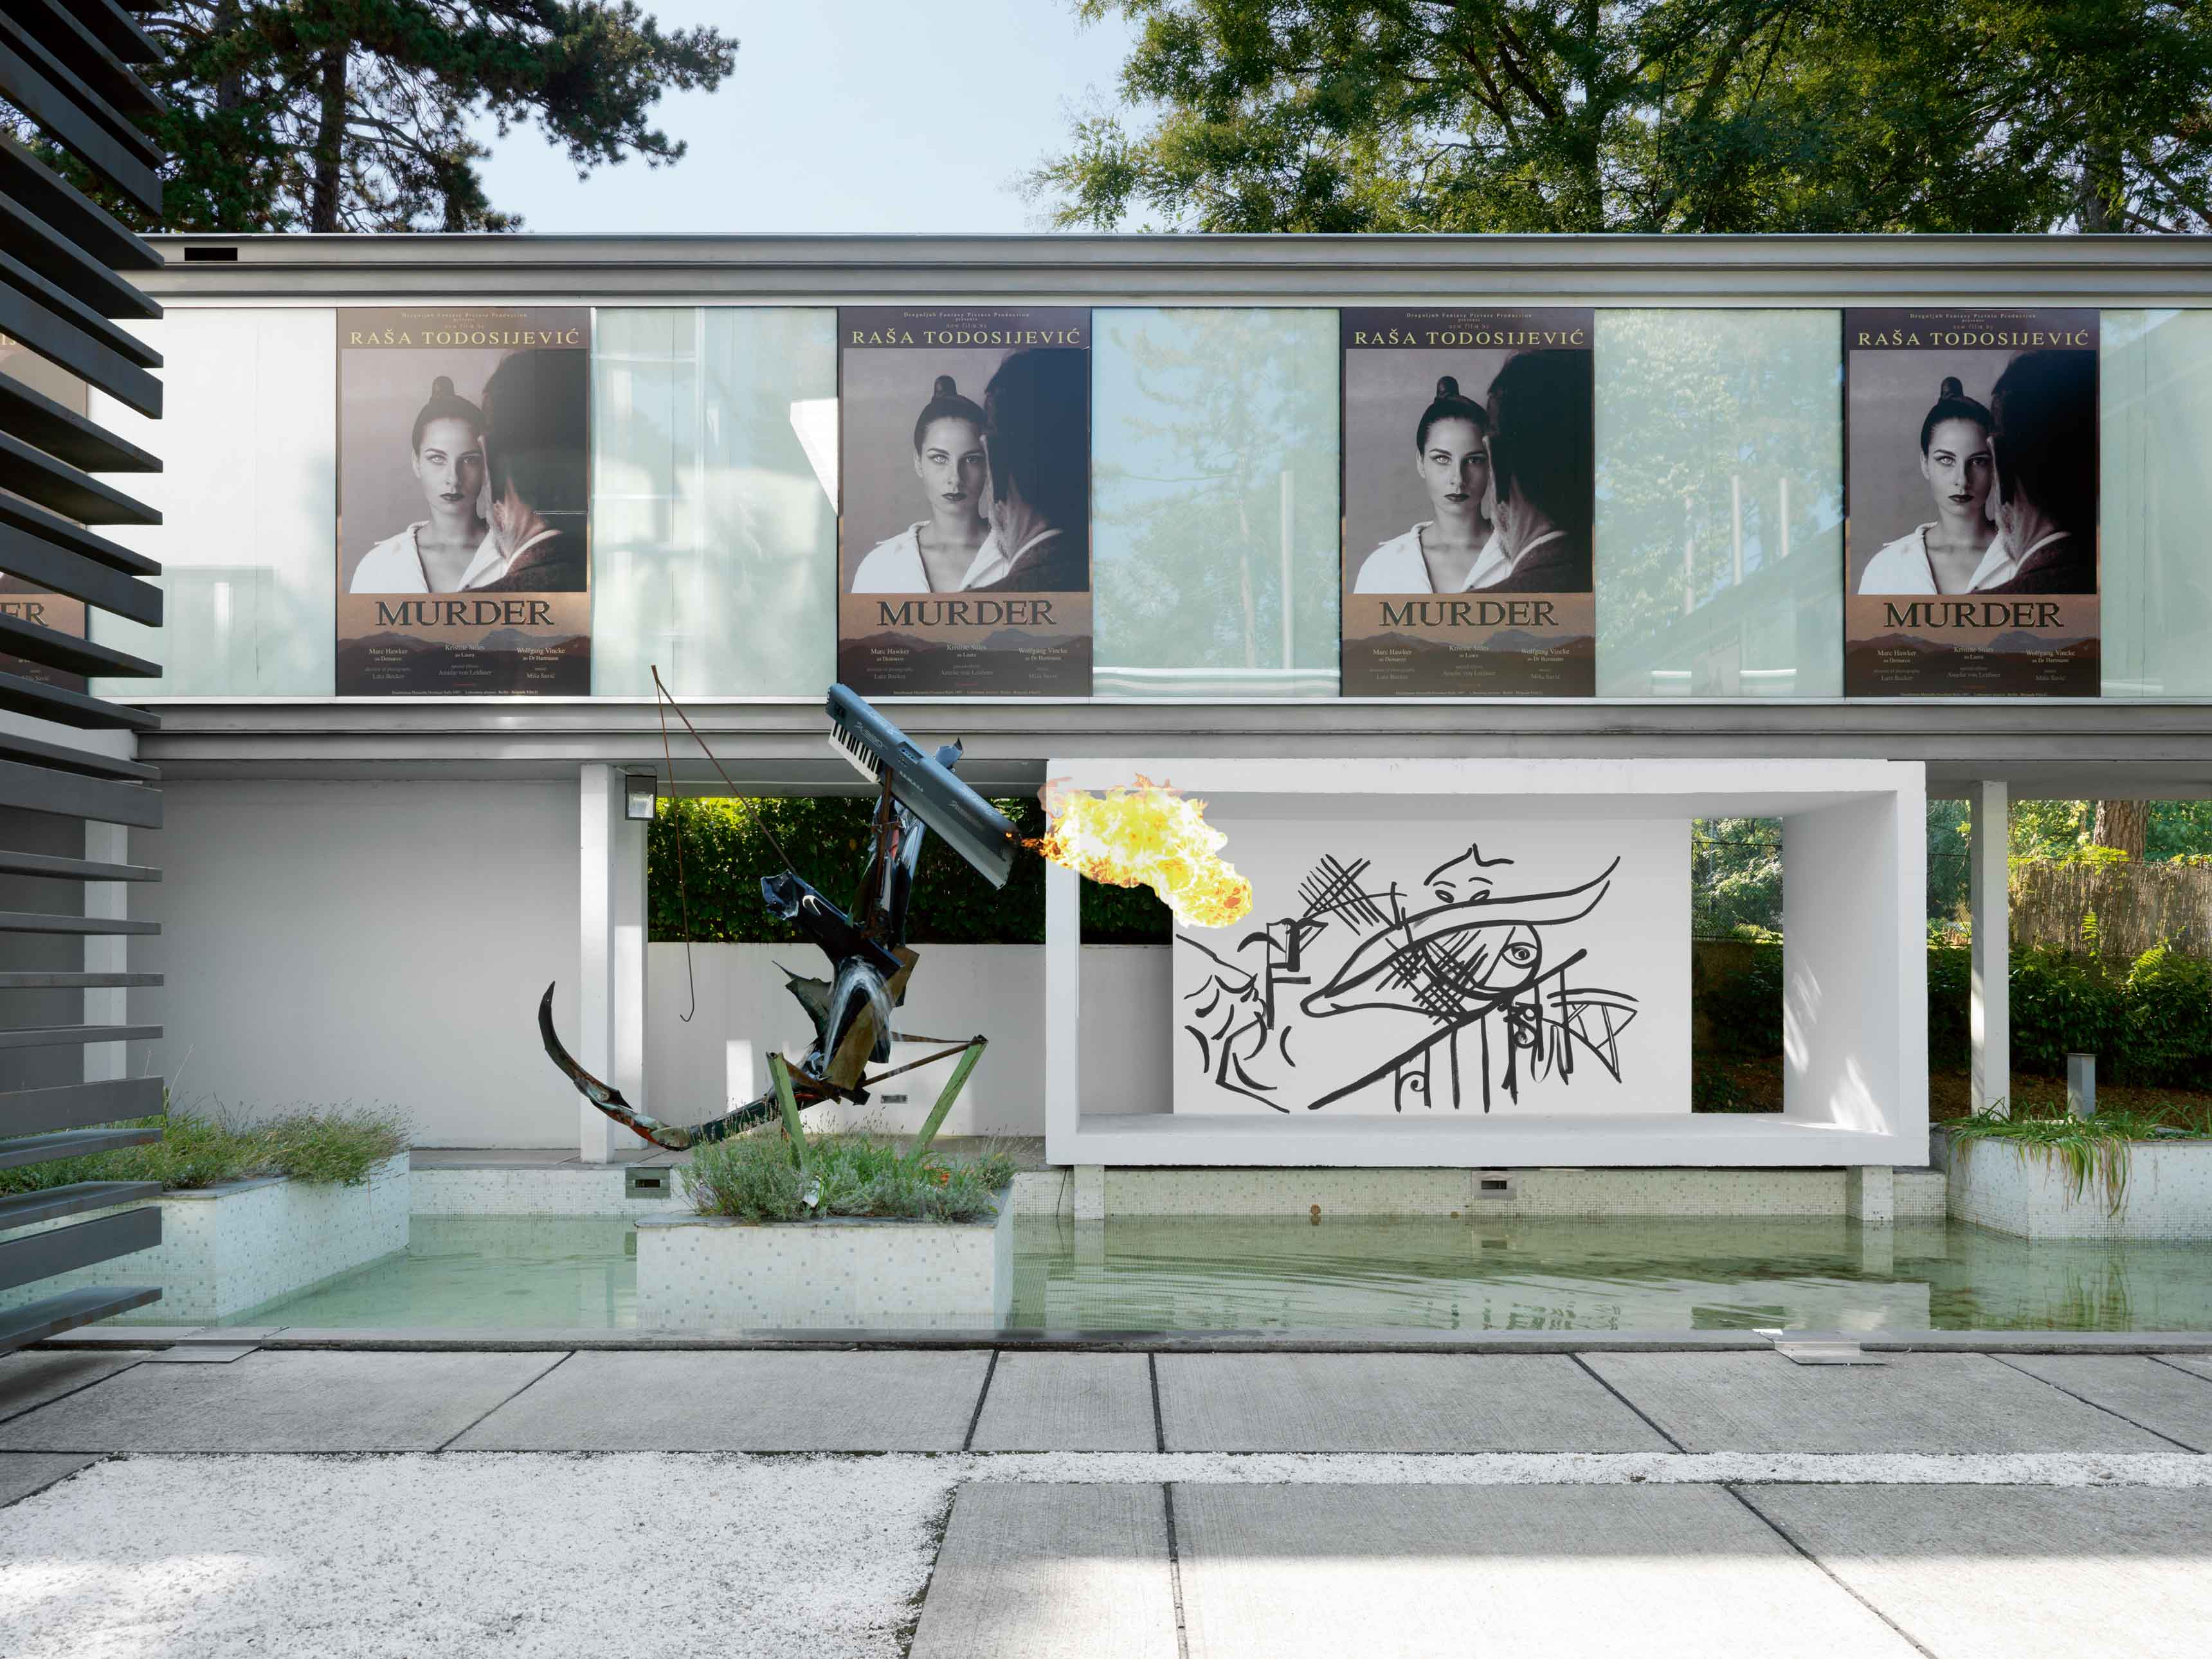 Vue de l'exposition Fade in 2 (affiches de Rasa Todosijevic et sculpture cracheuse de feu de Tobias Spichtig), dans une villa moderniste de Belgrade.